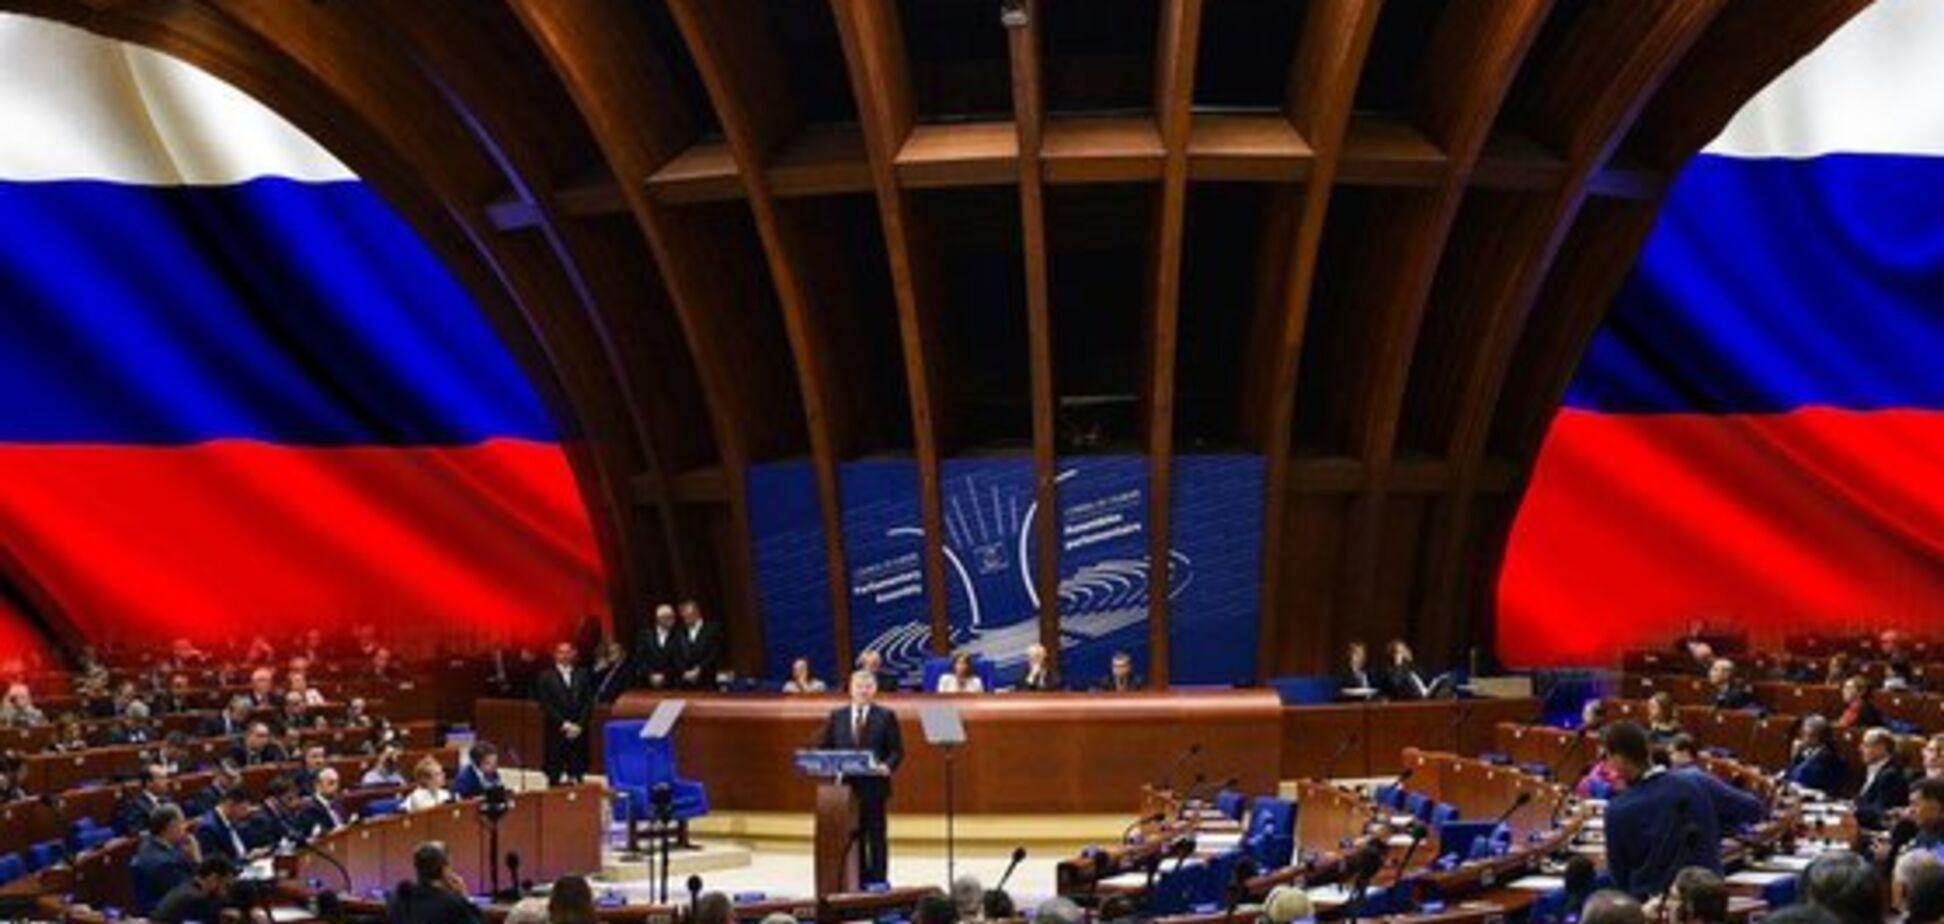 'Пора відкликати!' У Путіна зухвало образили українську делегацію в ПАРЄ